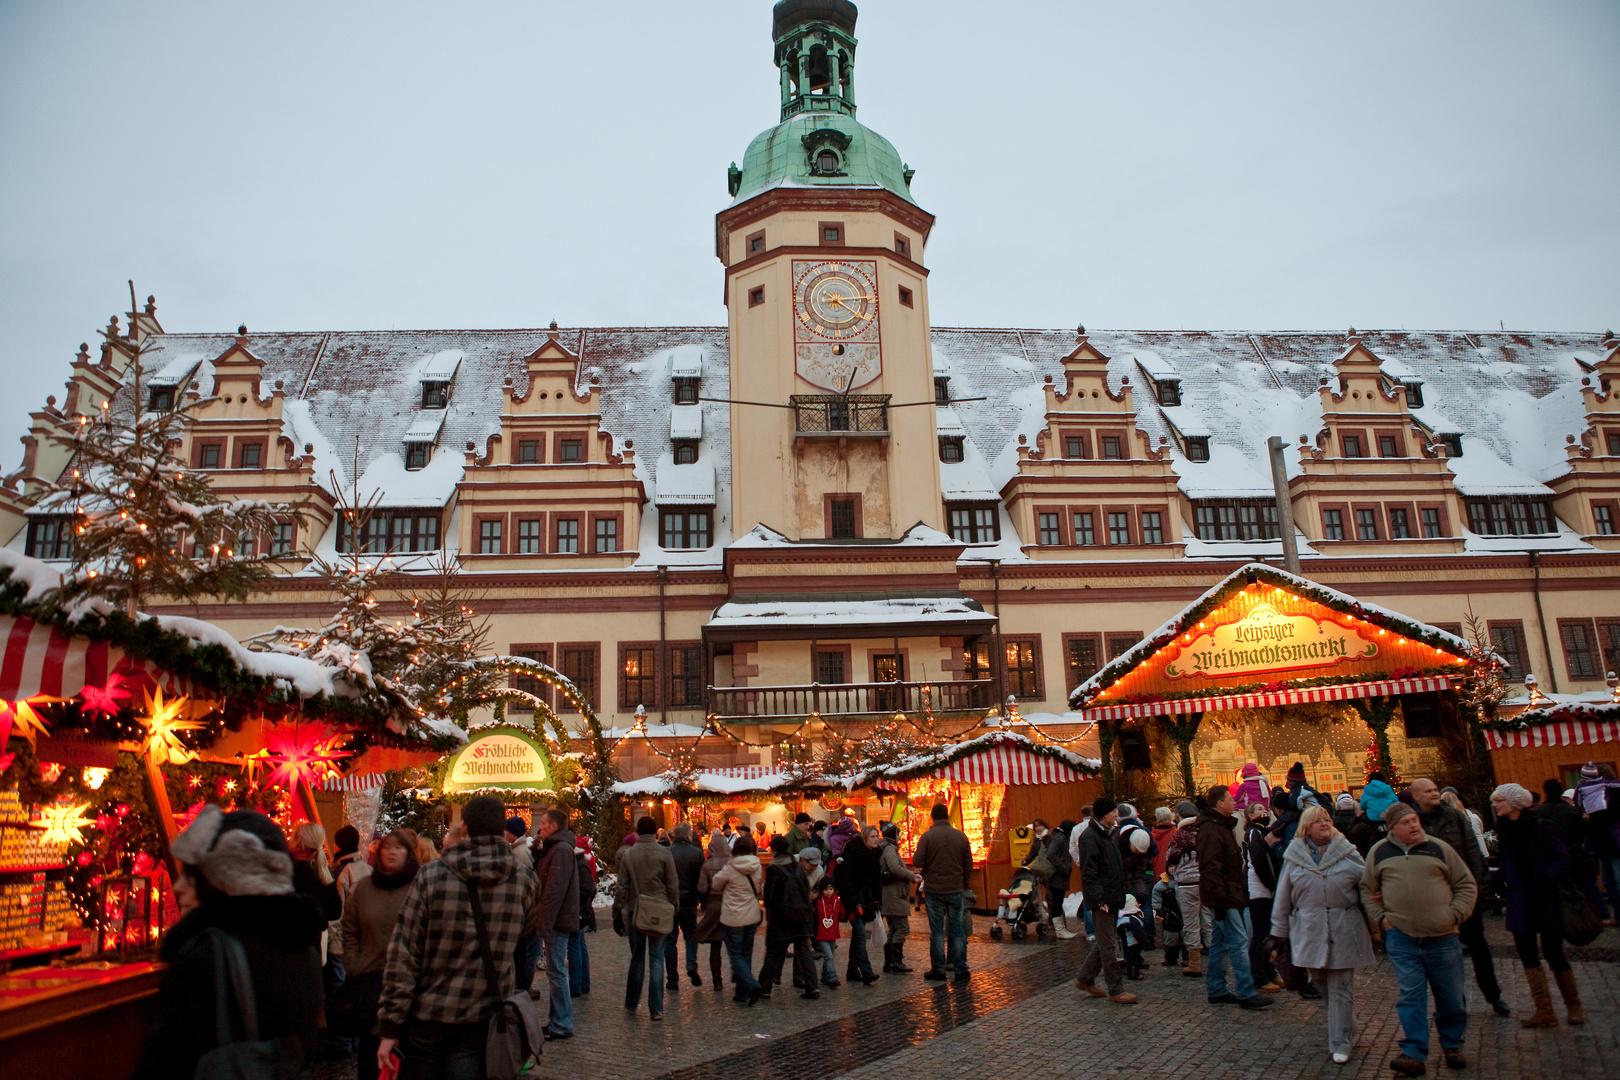 Weihnachtsmarkt Leipzig.Weihnachtsmarkt In Leipzig Foto Bild Deutschland Europe